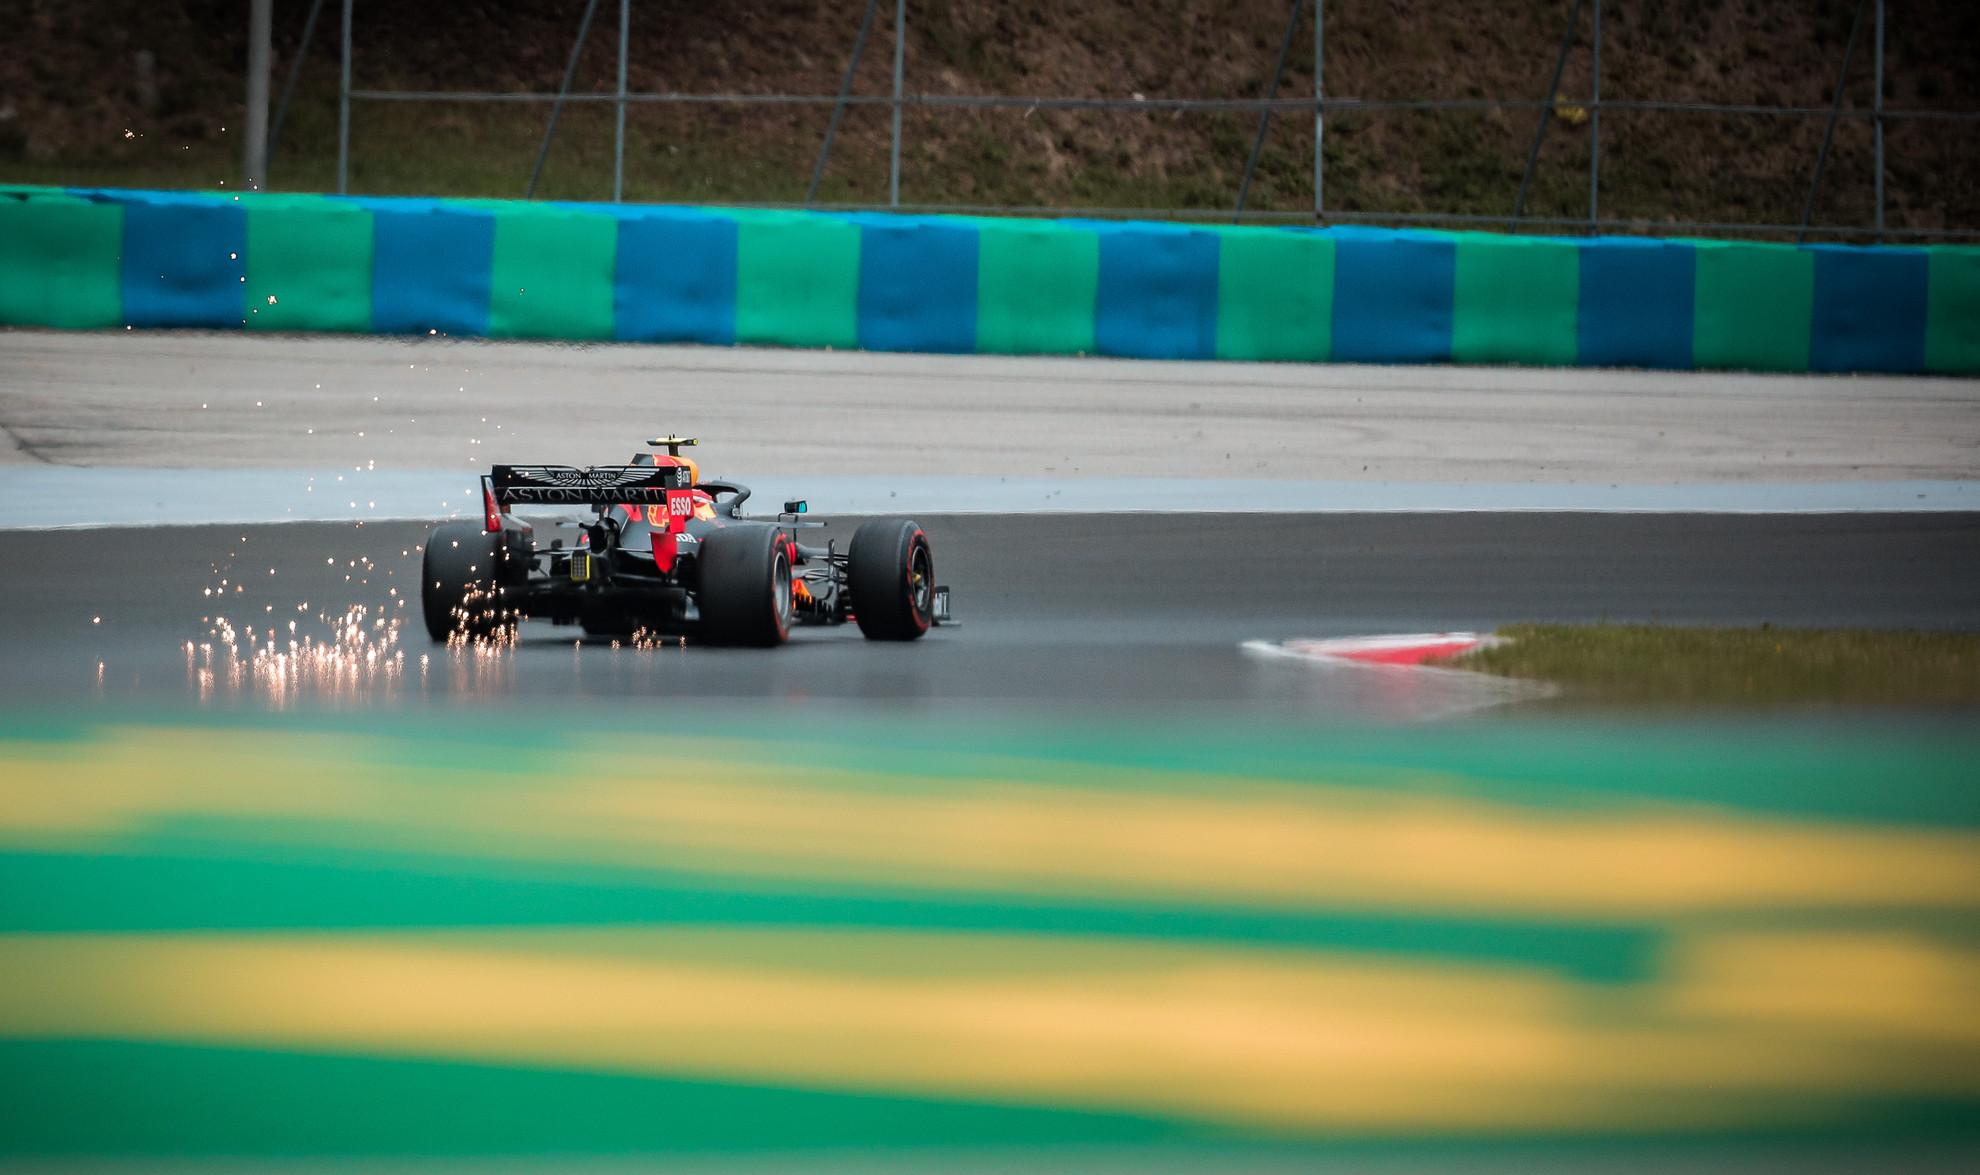 A Red Bull csapat autói az alacsony futómű beállítások miatt sokszor látványos szikrákat eregettek